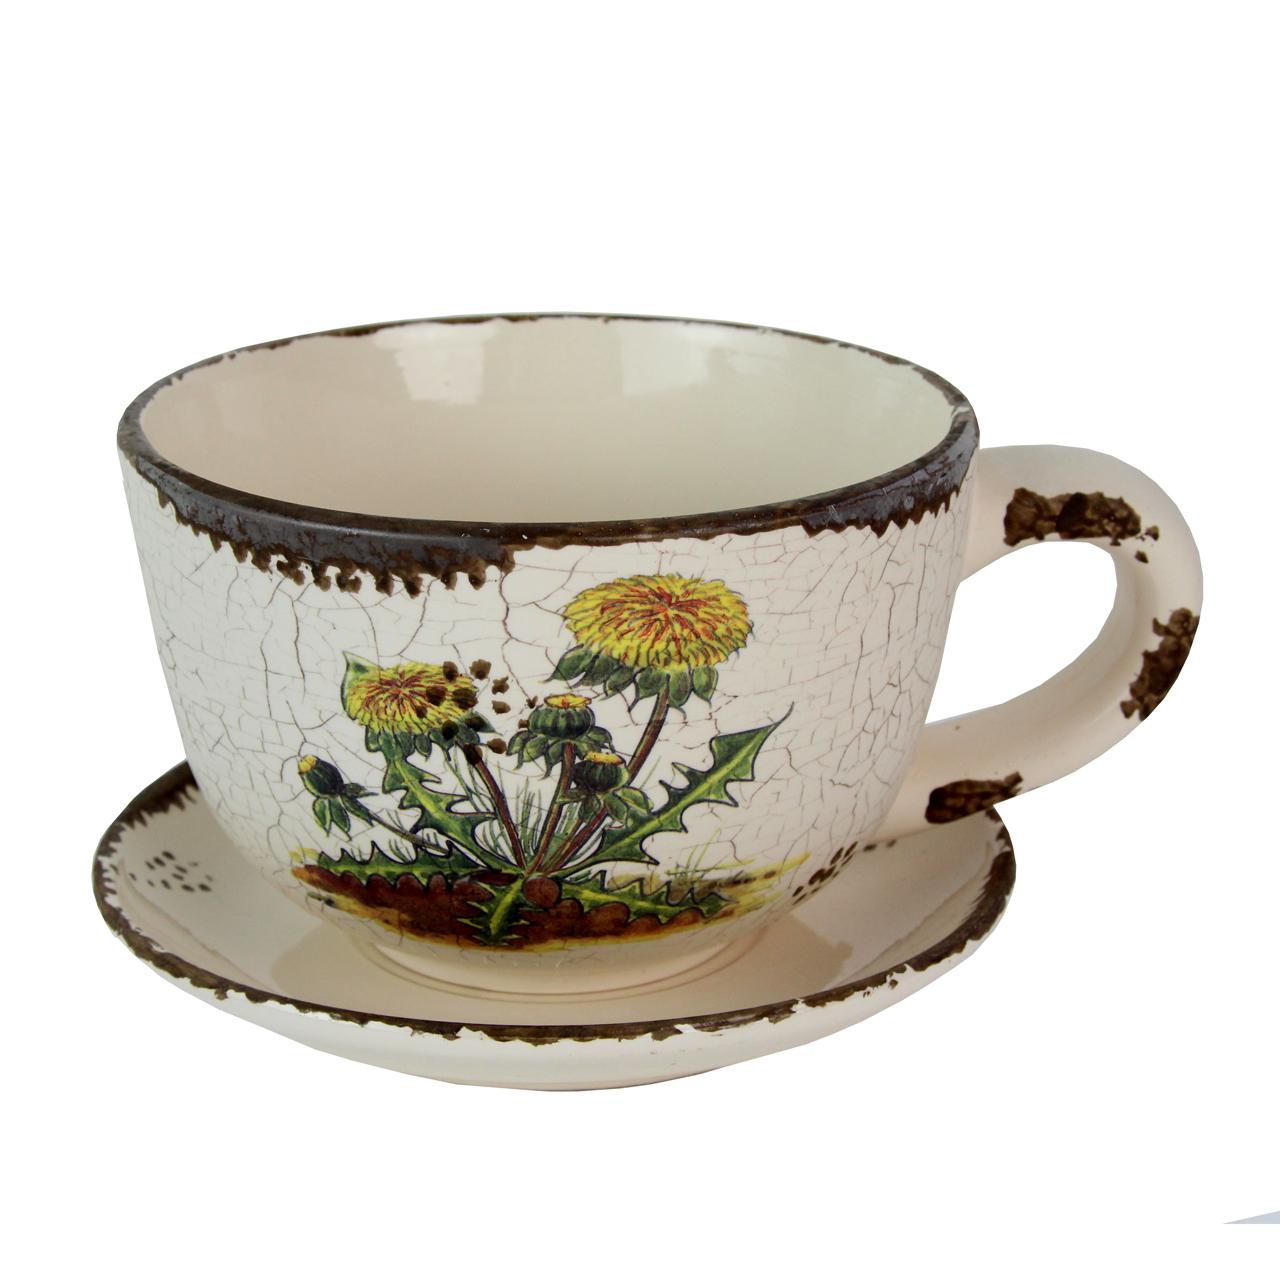 Ghiveci Ceasca Cu Papadie Din Ceramica 10.5 Cm